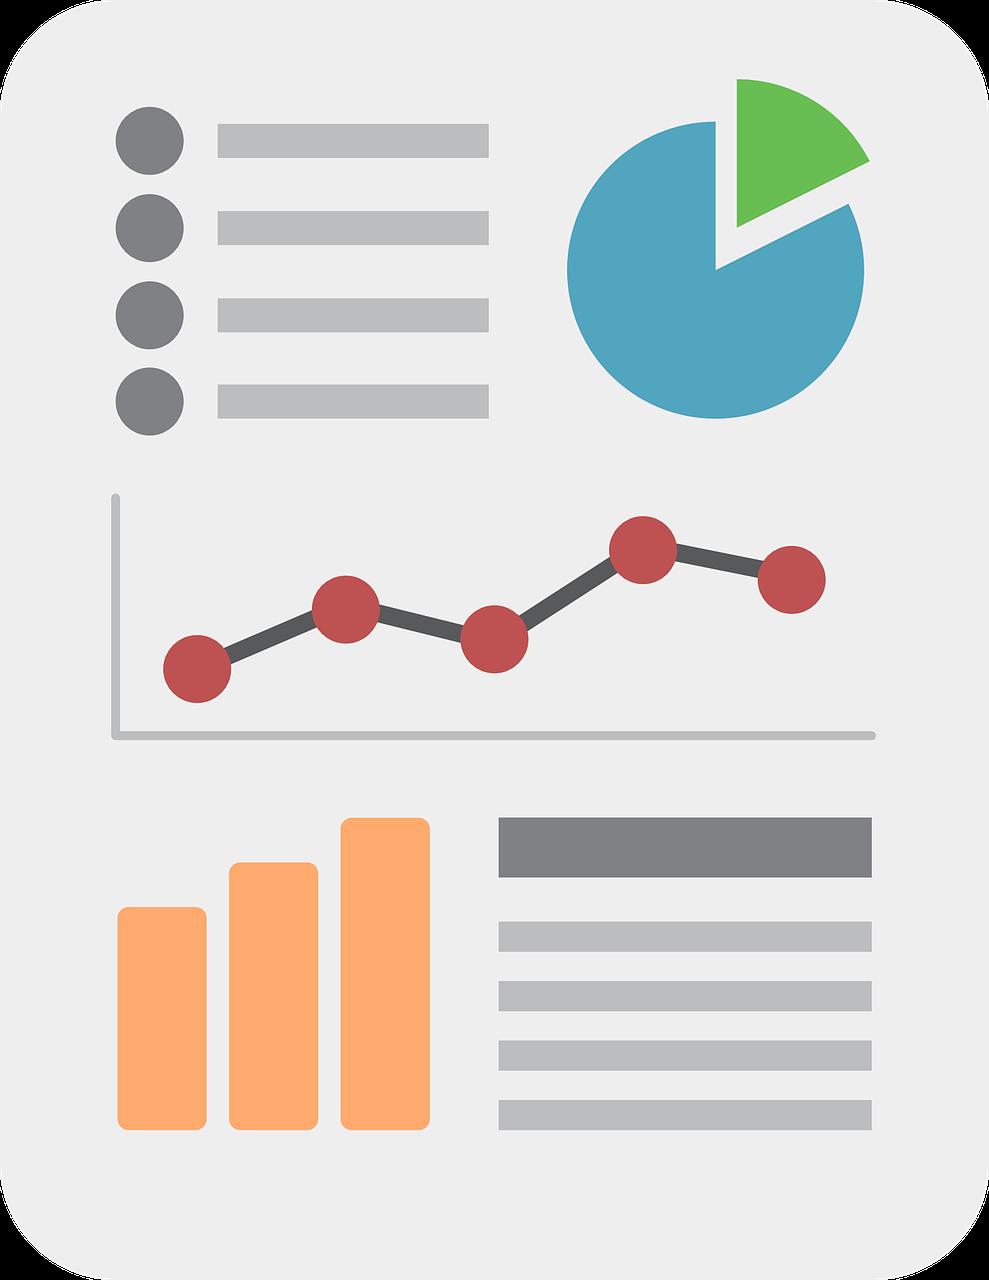 ¿Cómo hacer la infografía perfecta? Herramientas y trucos para crear tus diseños via @BegoRomero93